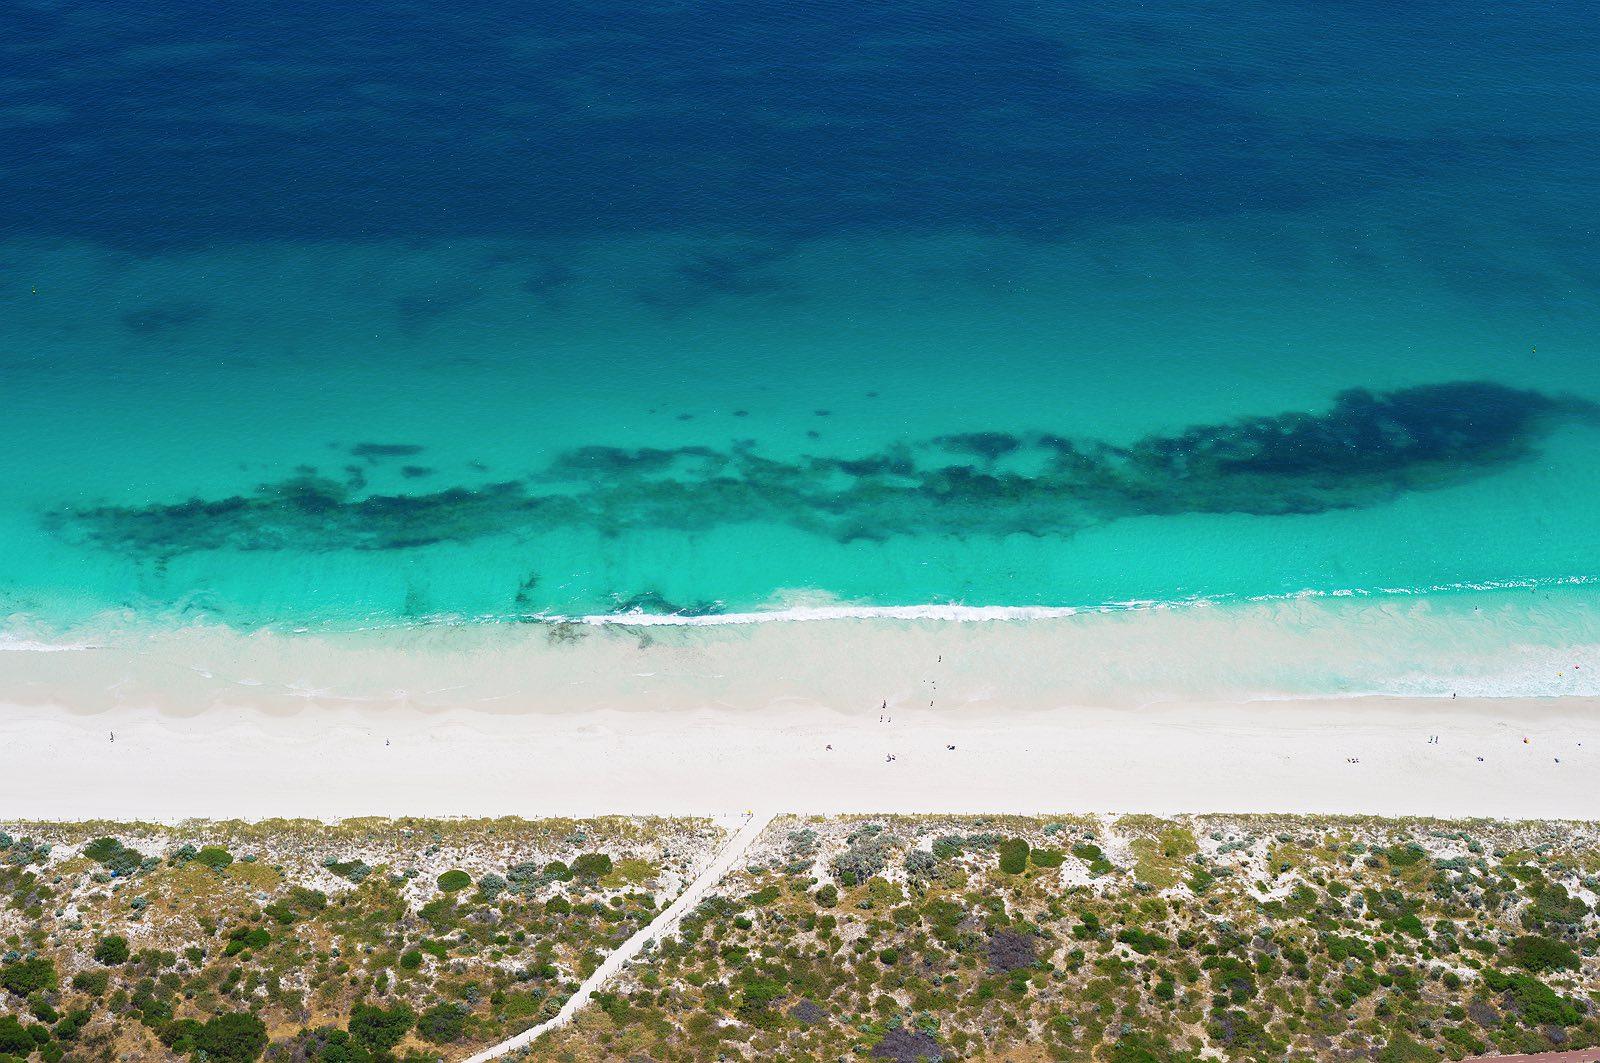 mullaloo-beach-aerial